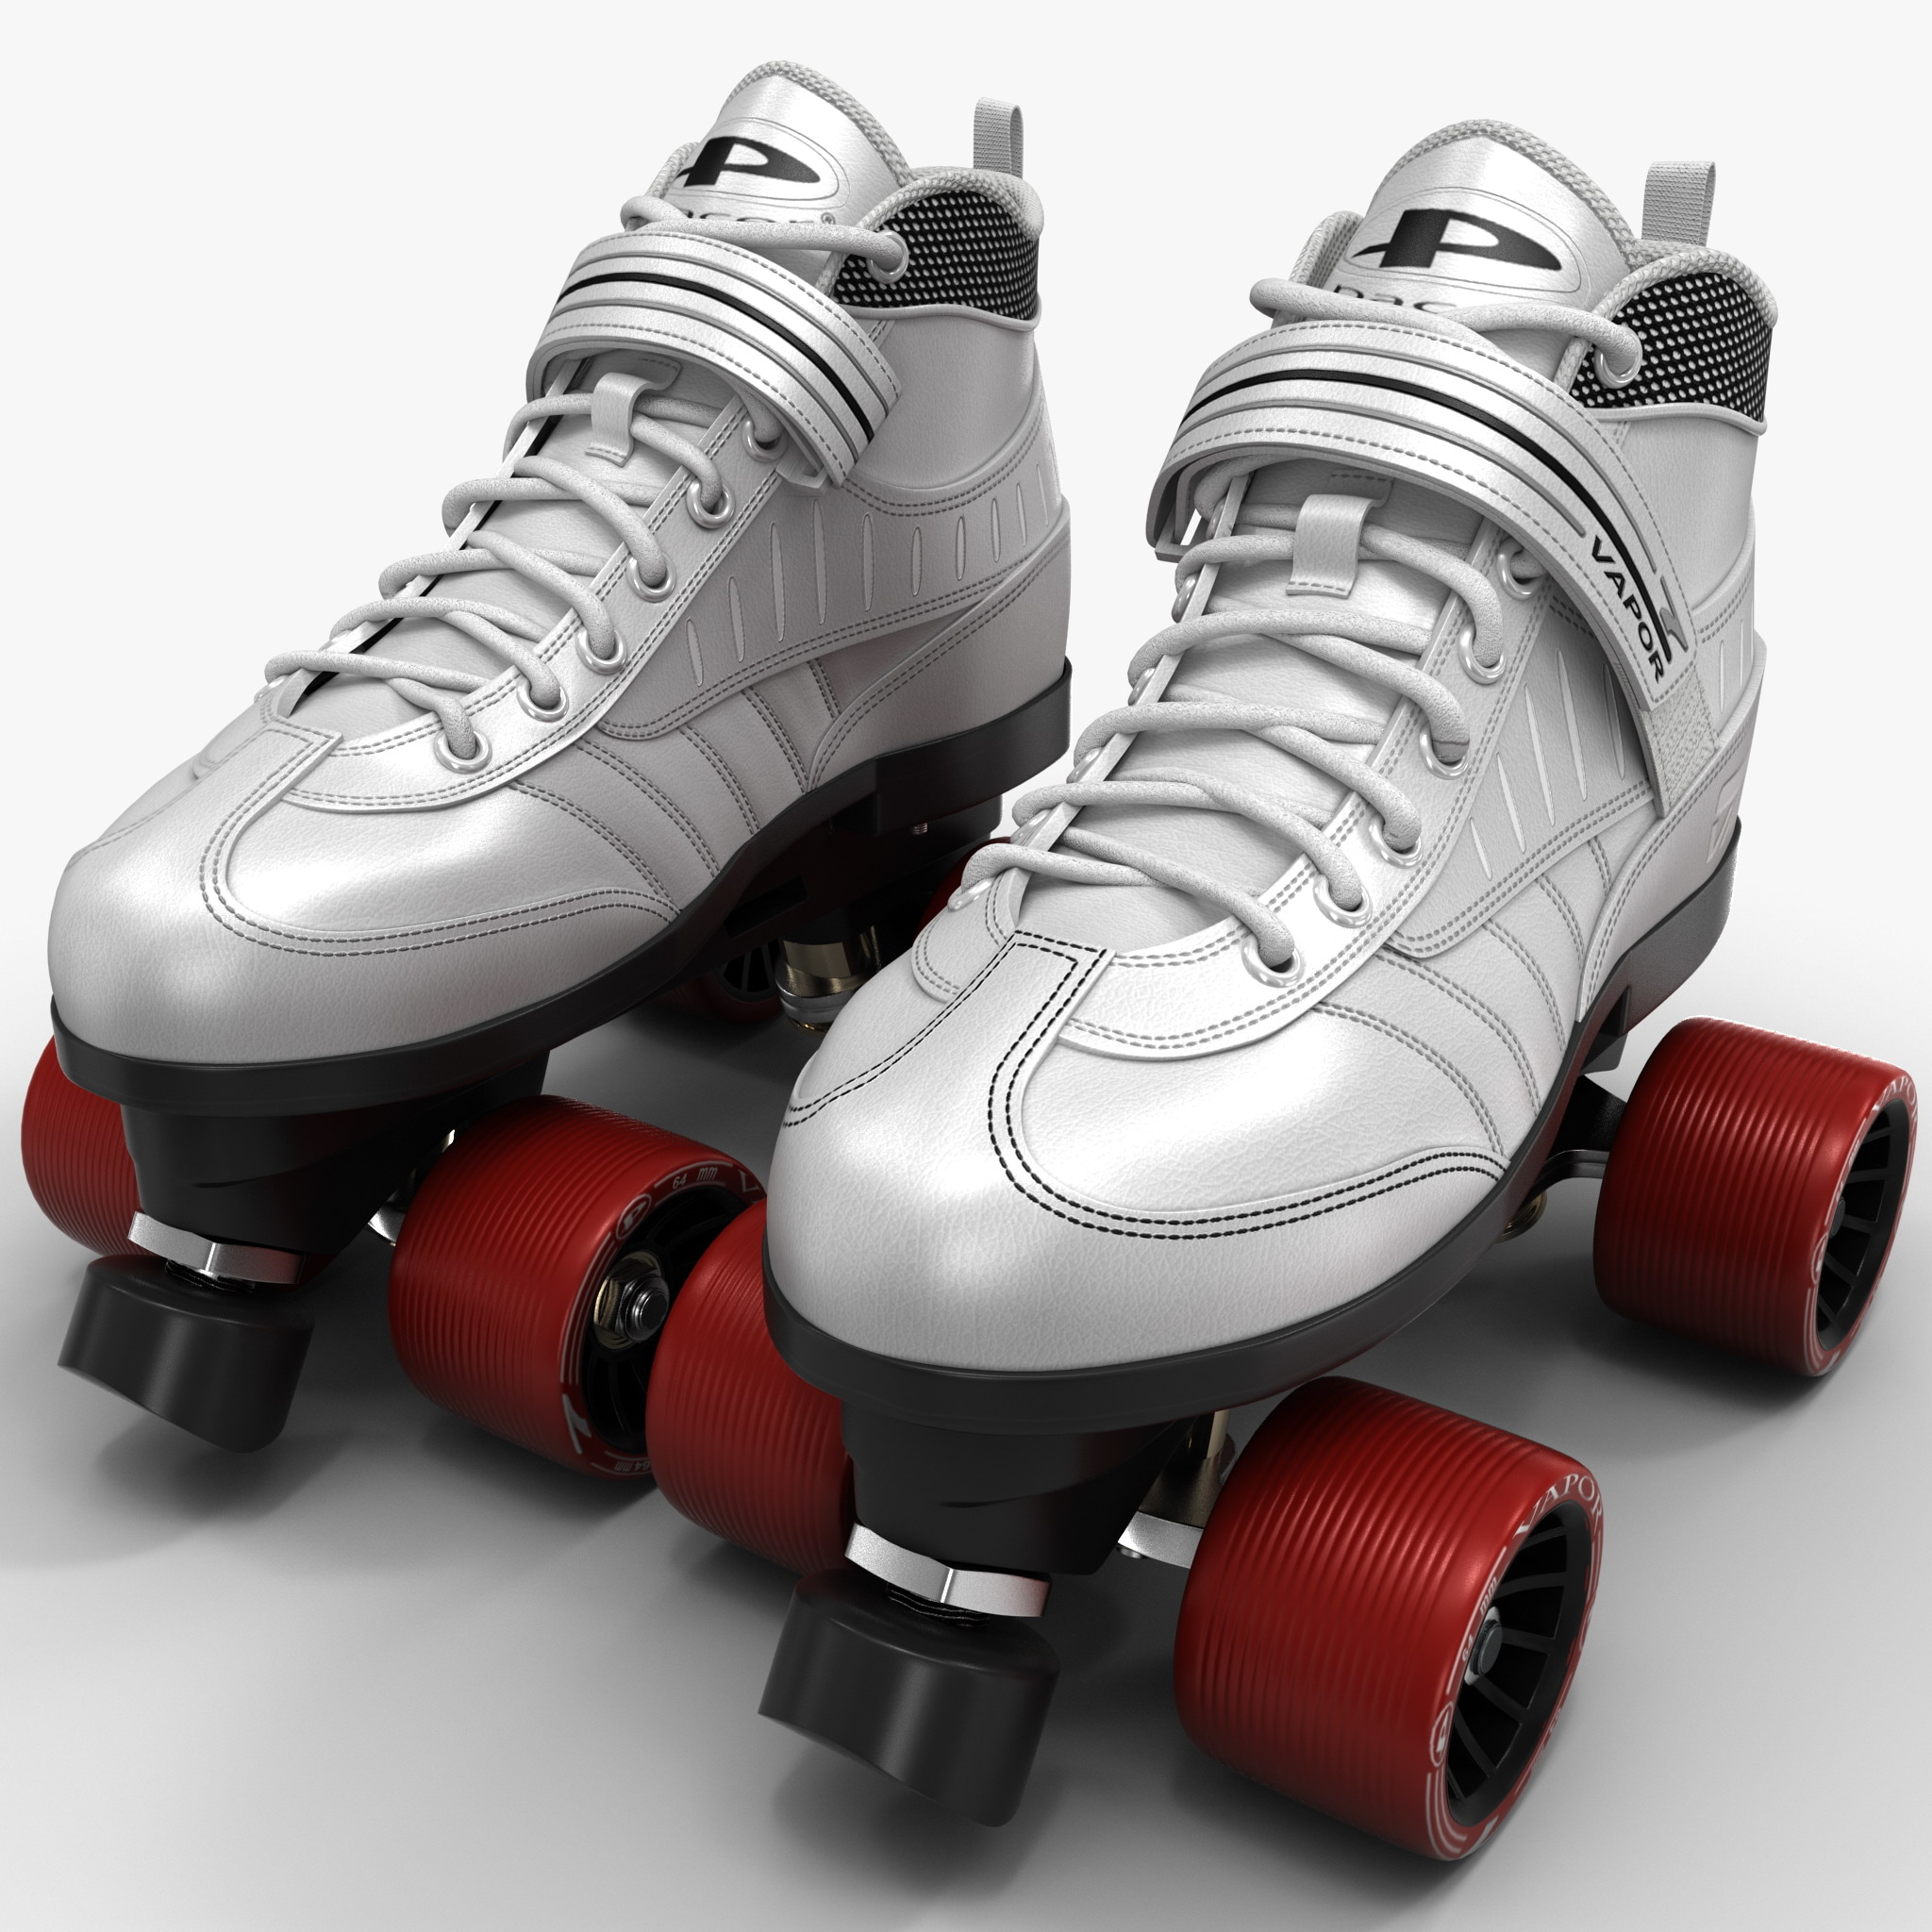 Quad Roller Skates White_2.jpg